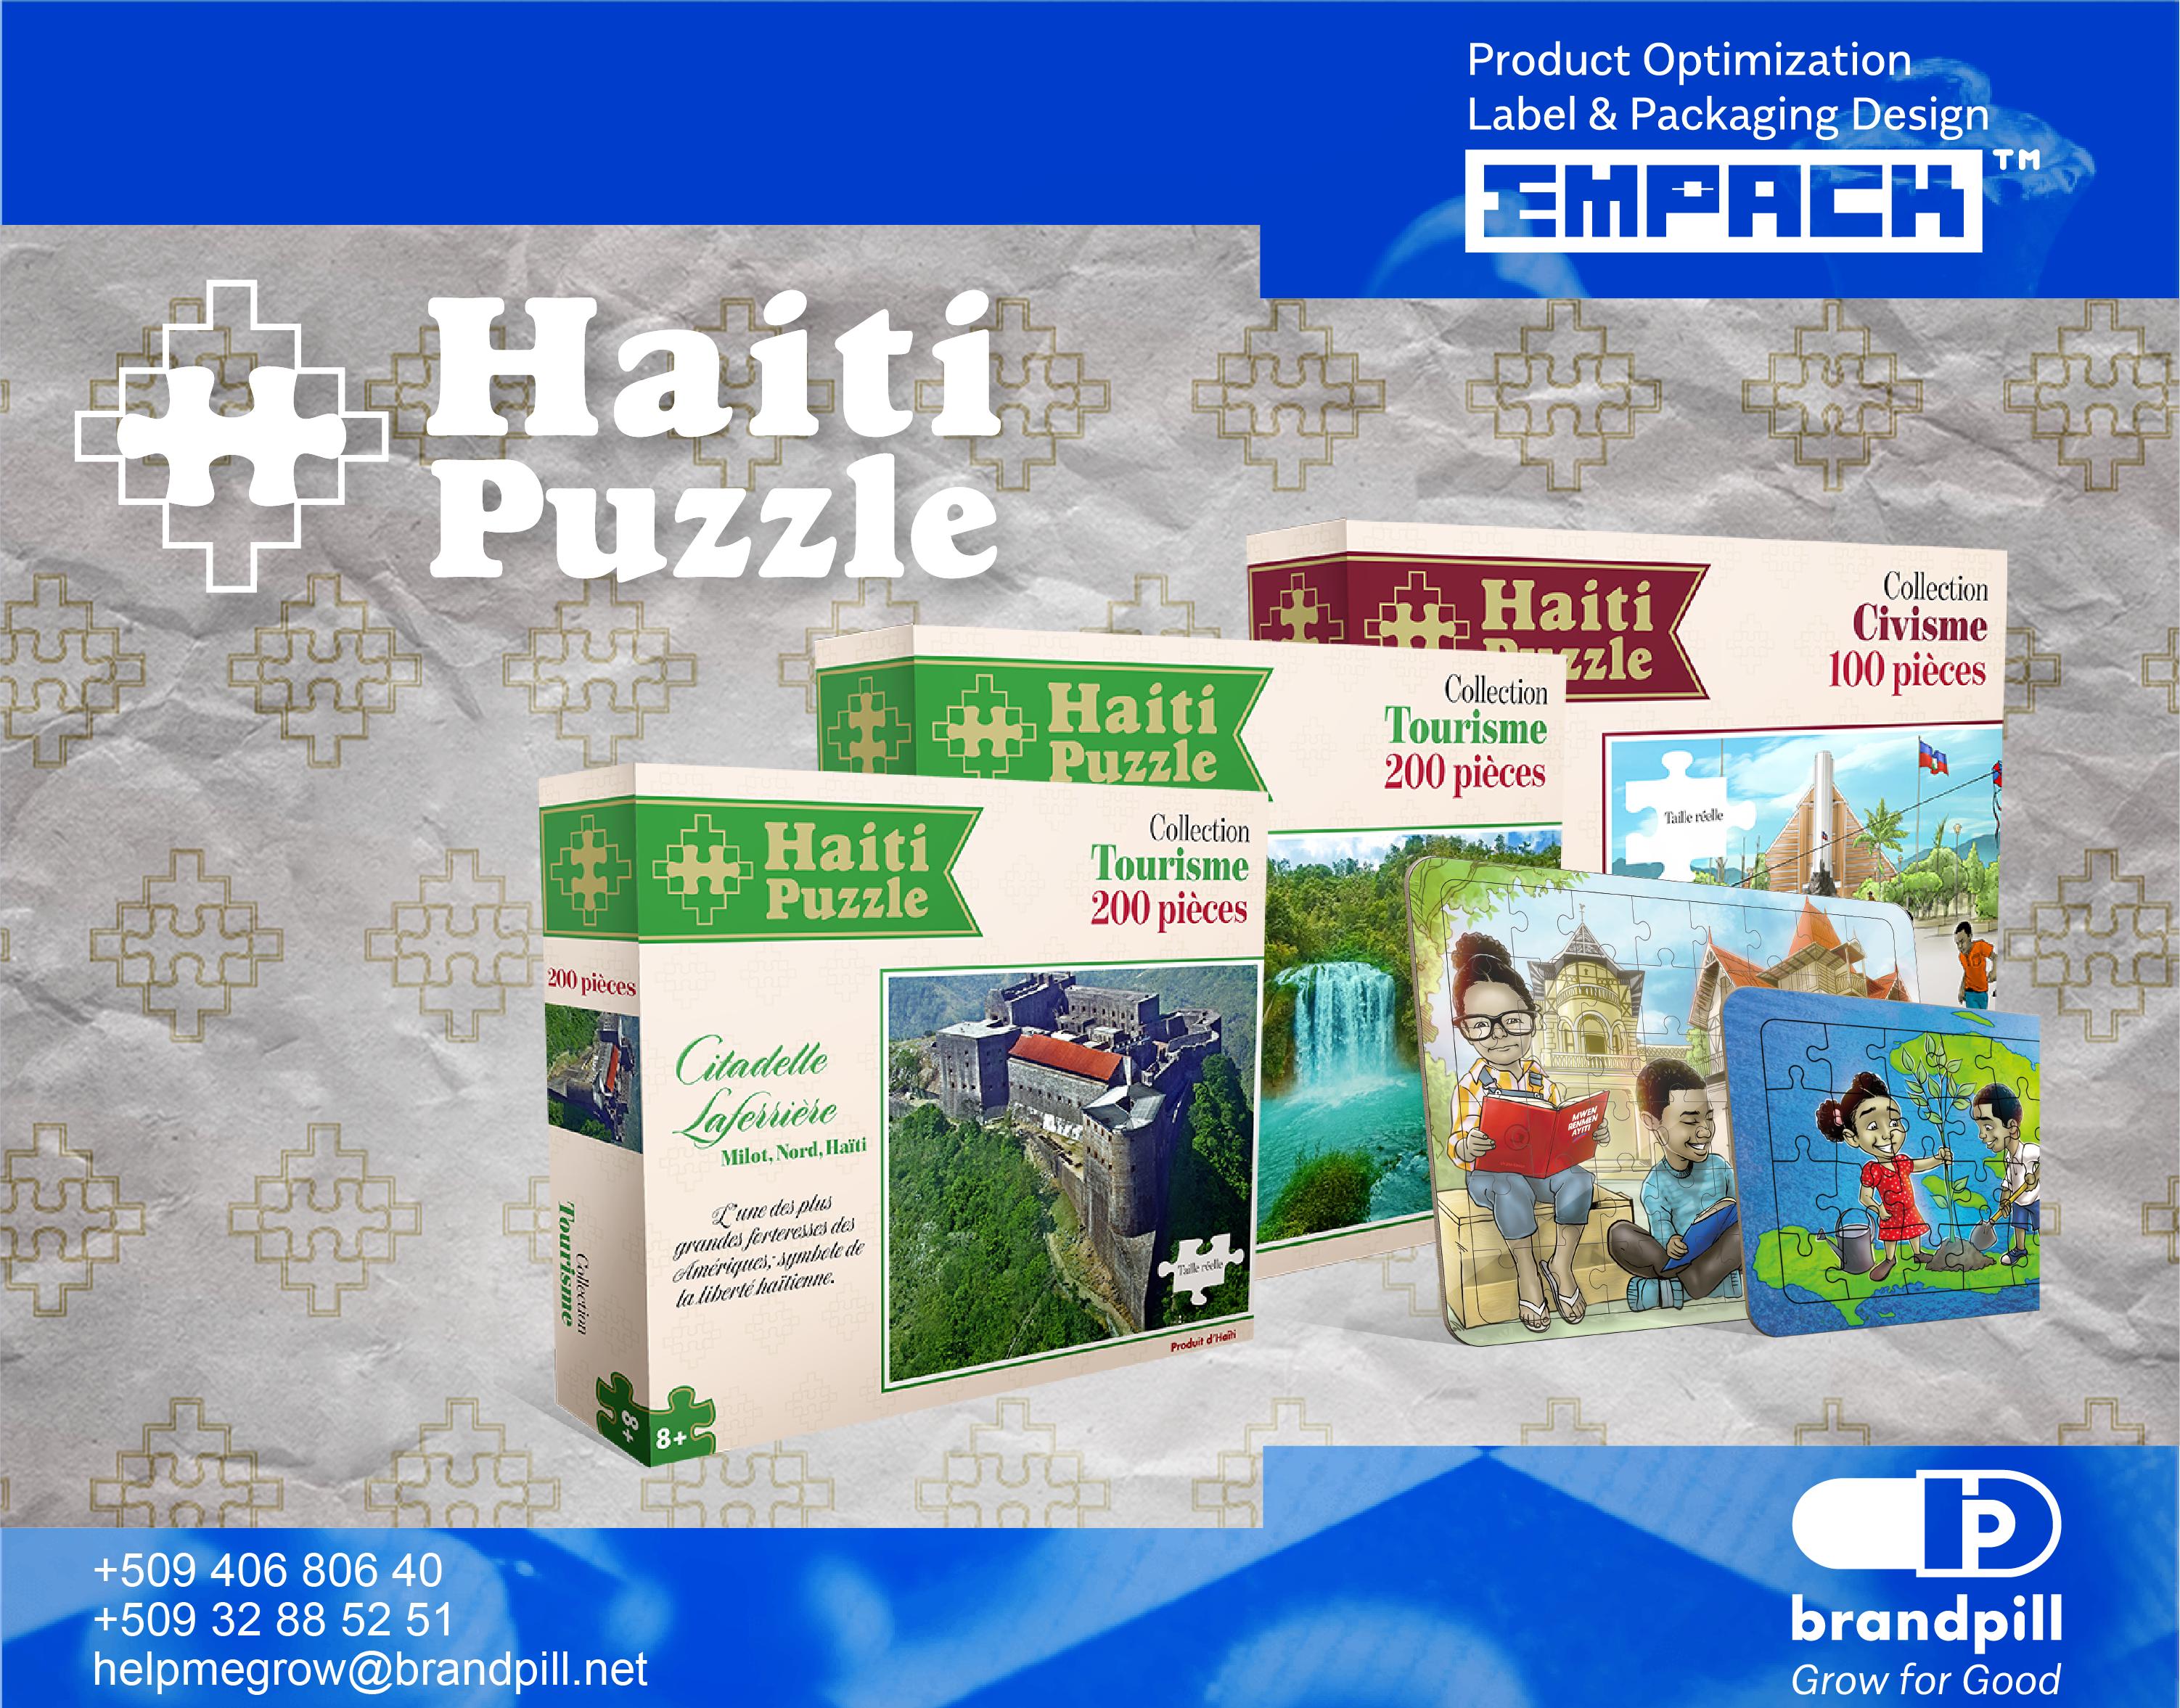 Haiti Puzzle Branding by brandpill